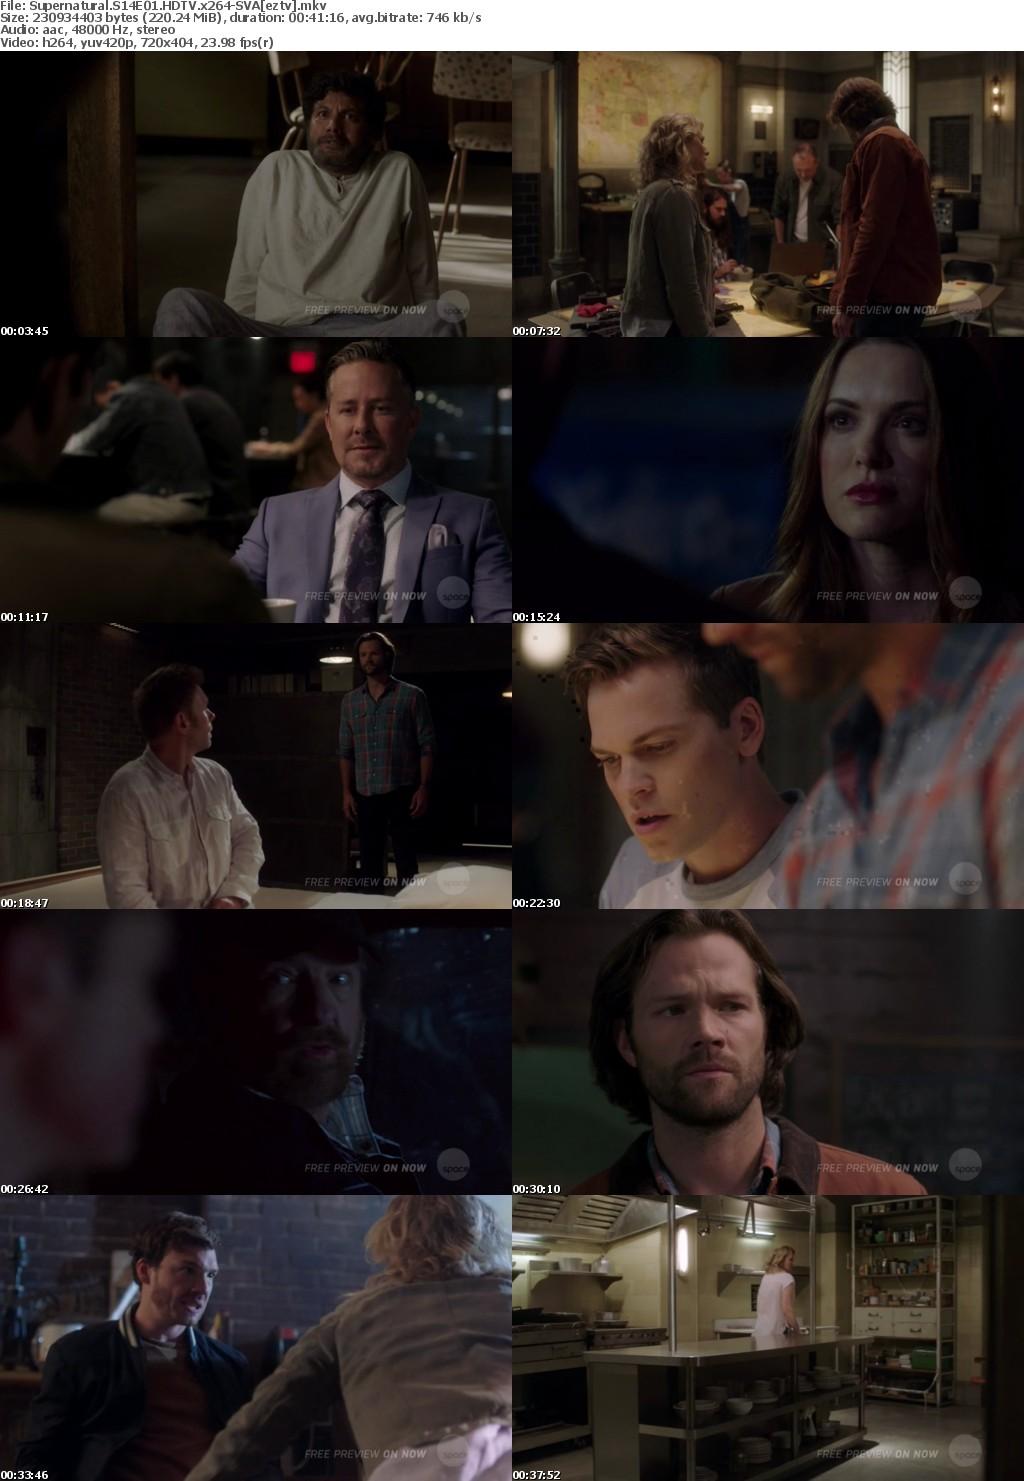 Supernatural S14E01 HDTV x264-SVA